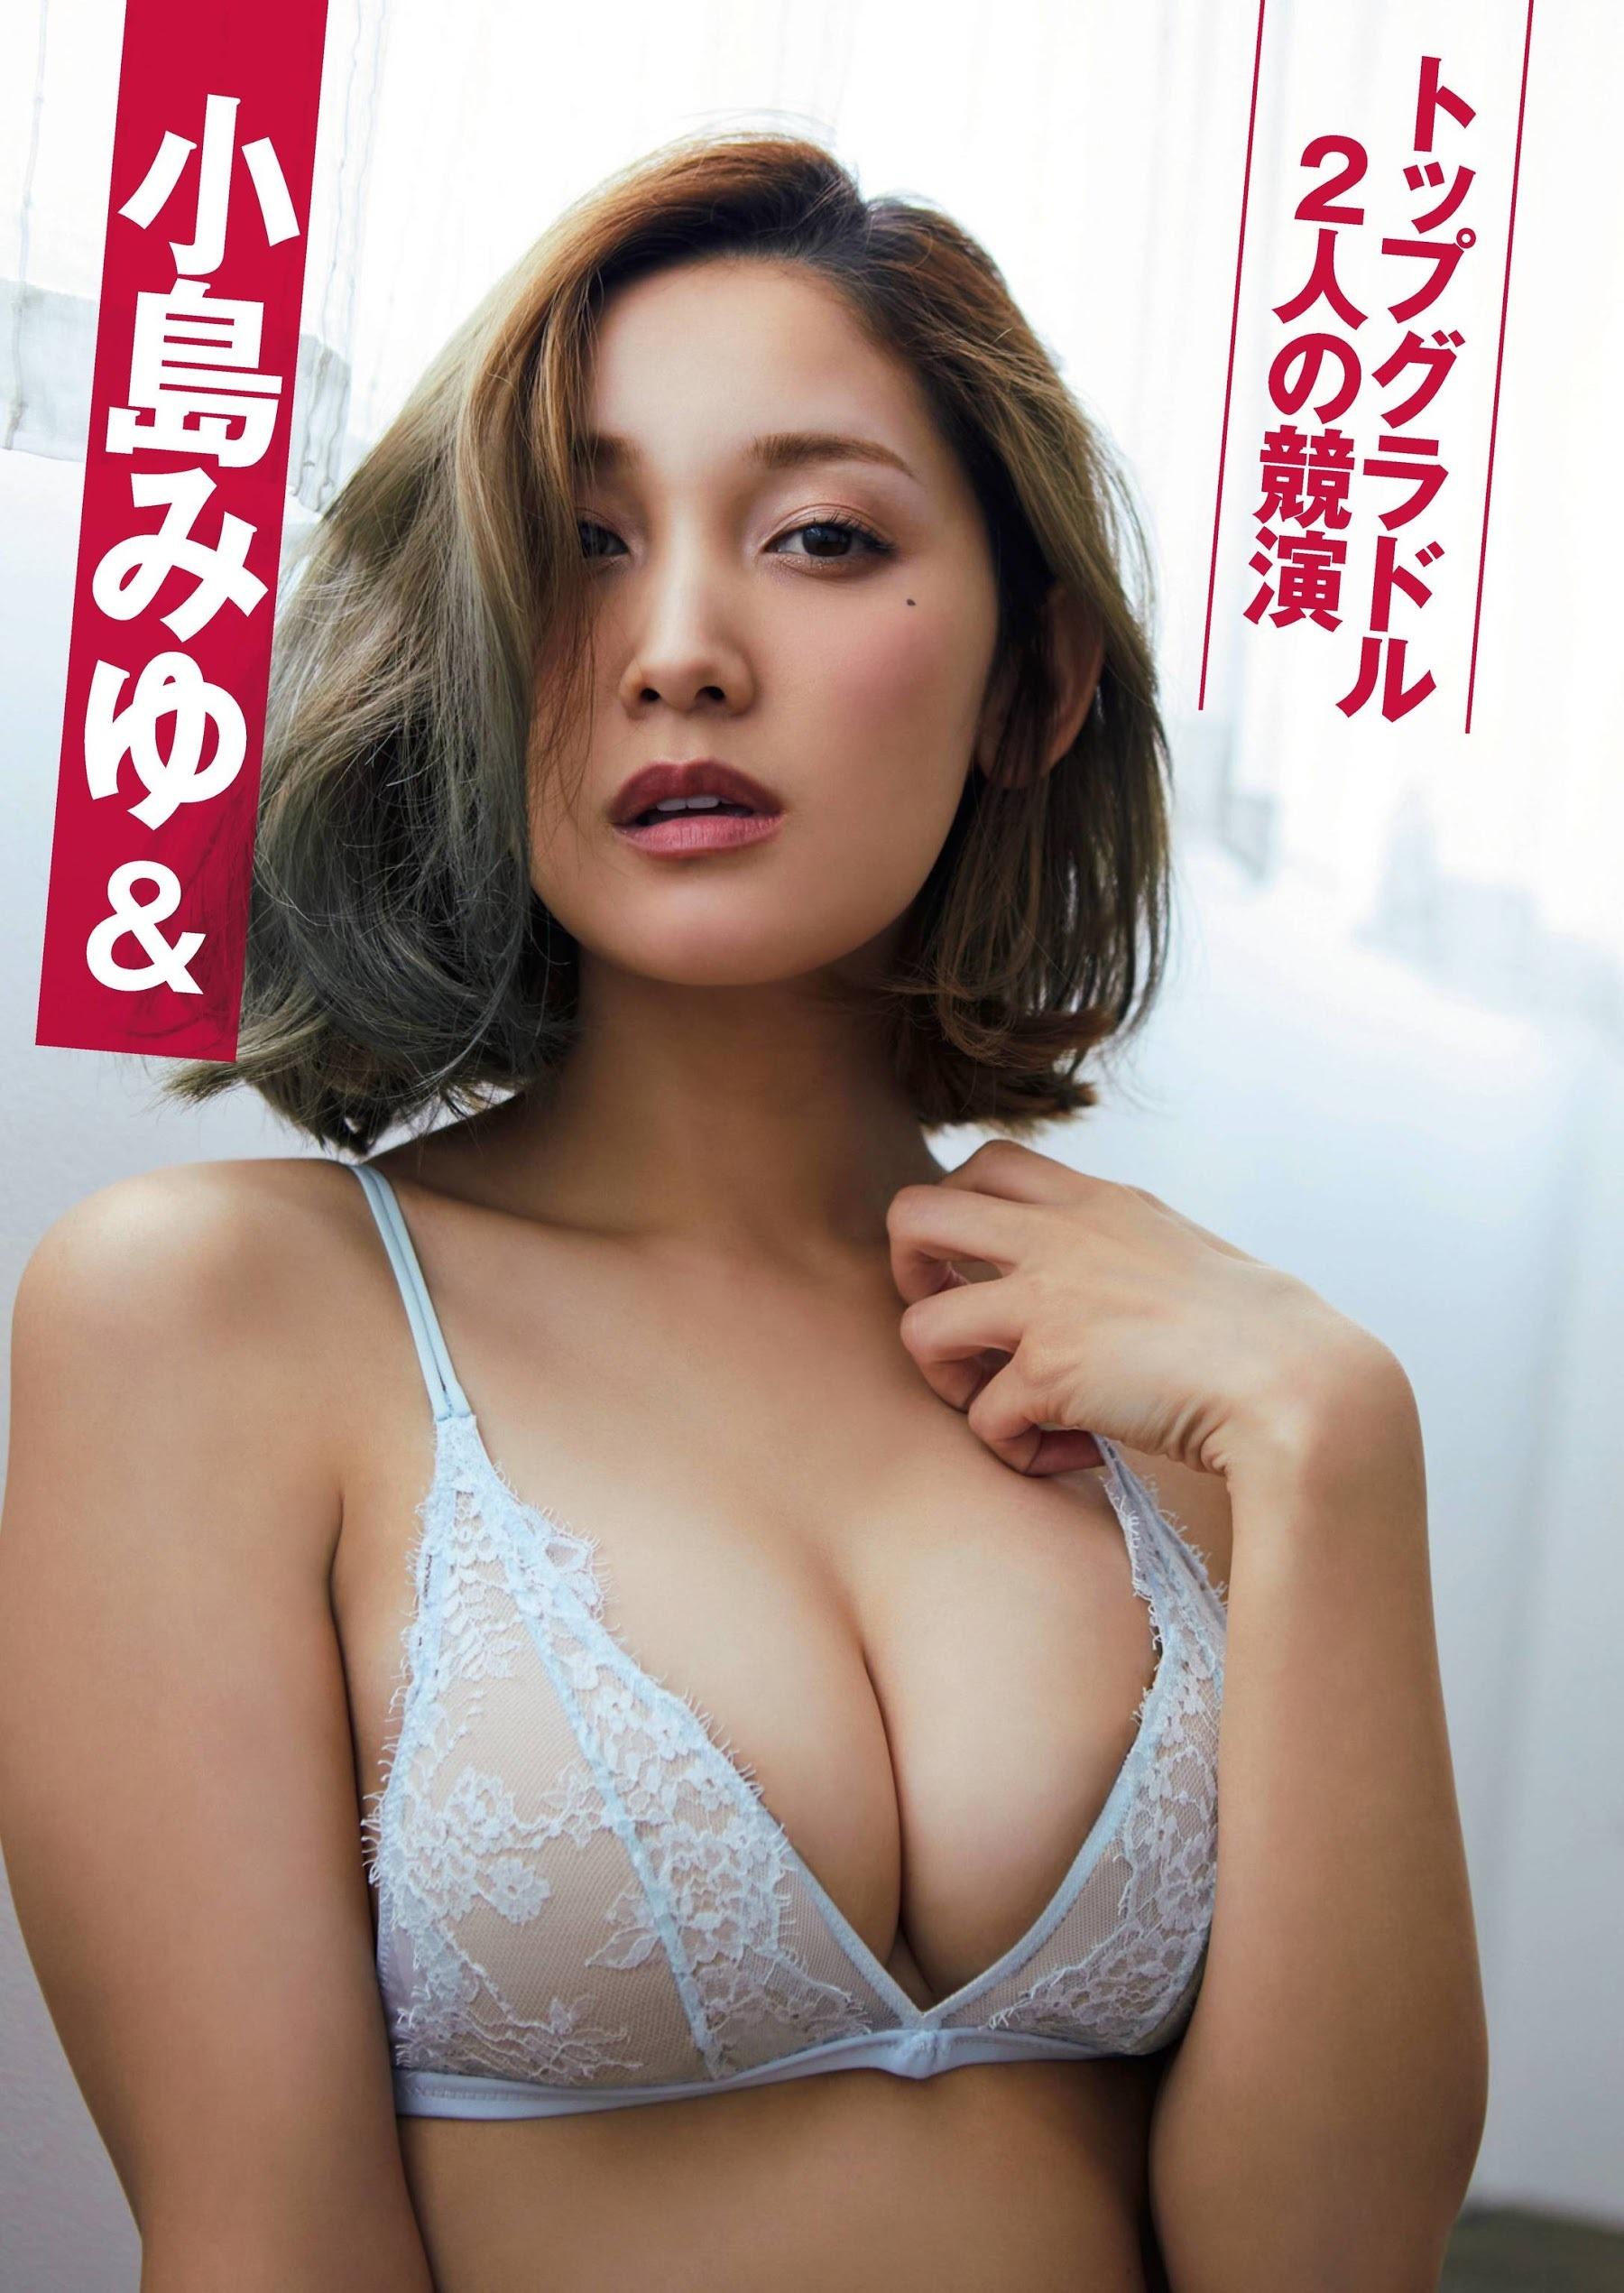 小島みゆ54